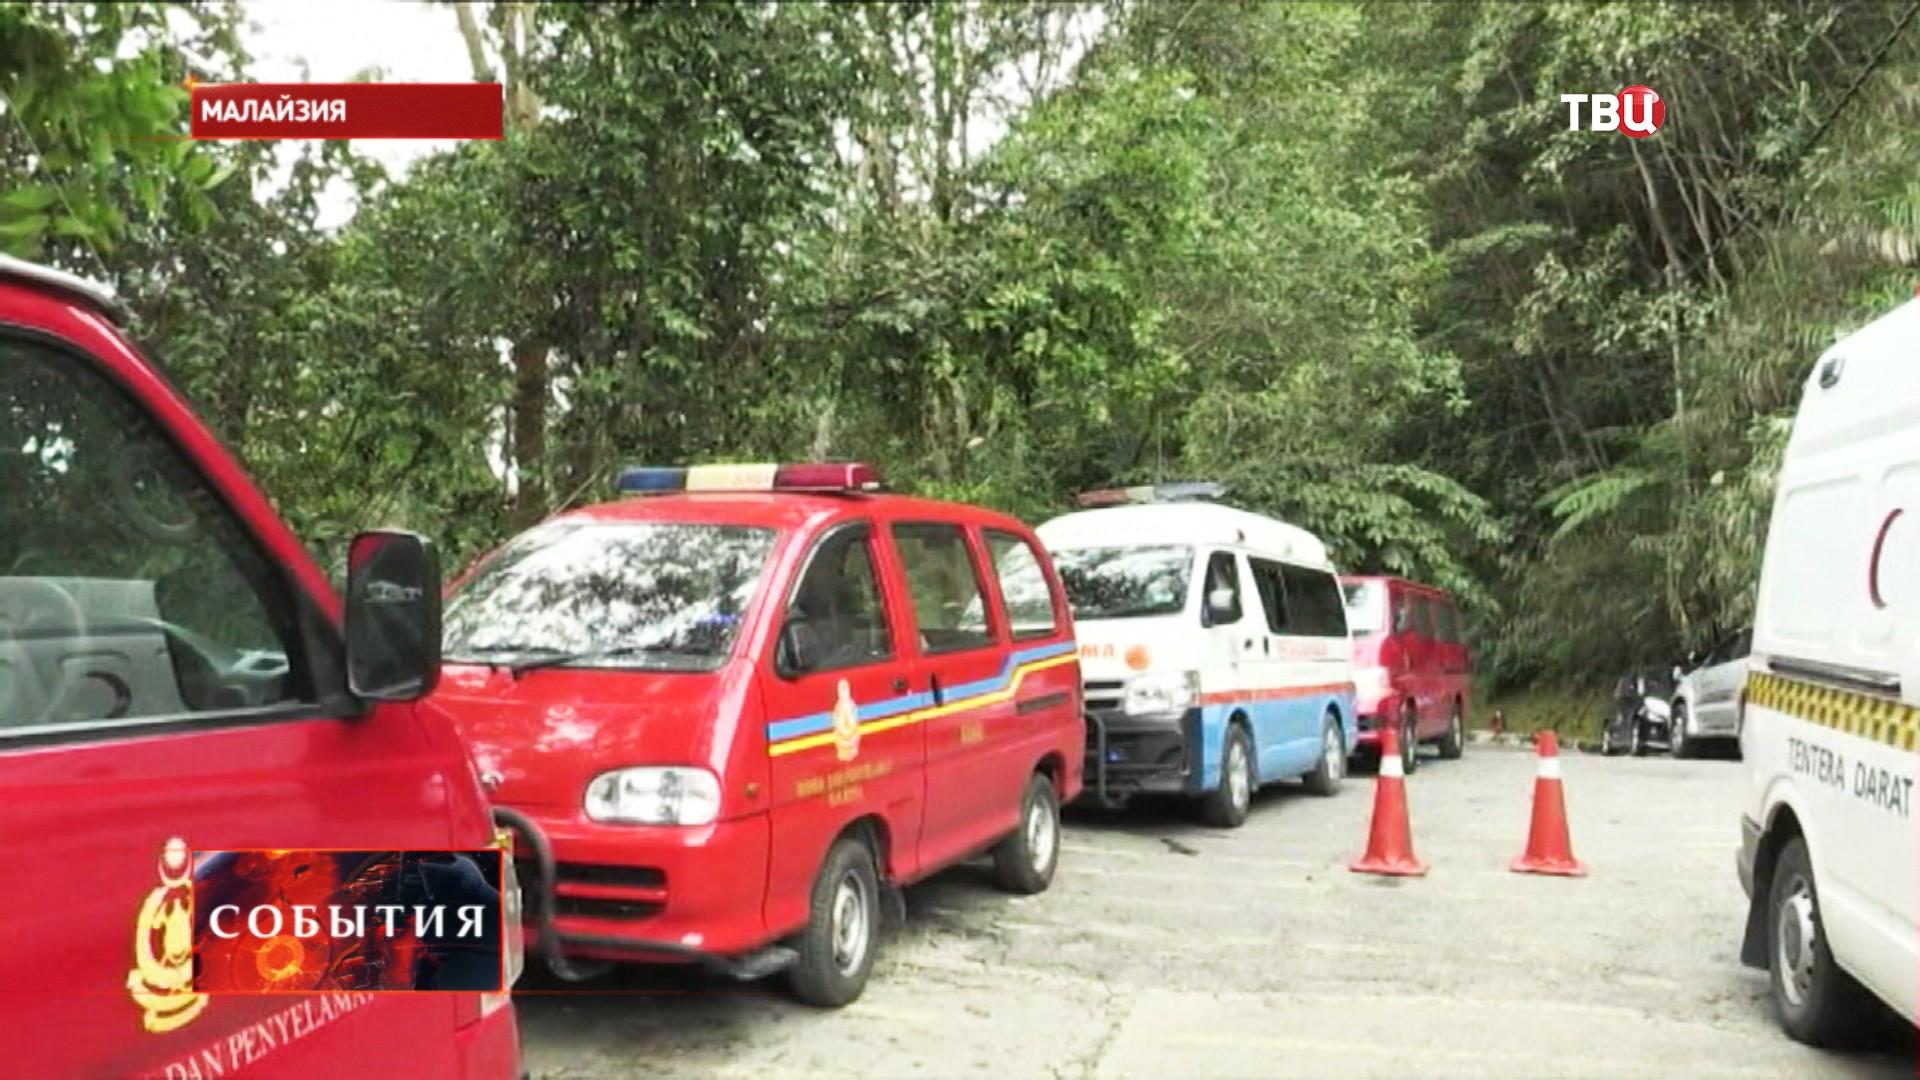 Автомобили спасательных служб и полиции Малайзии